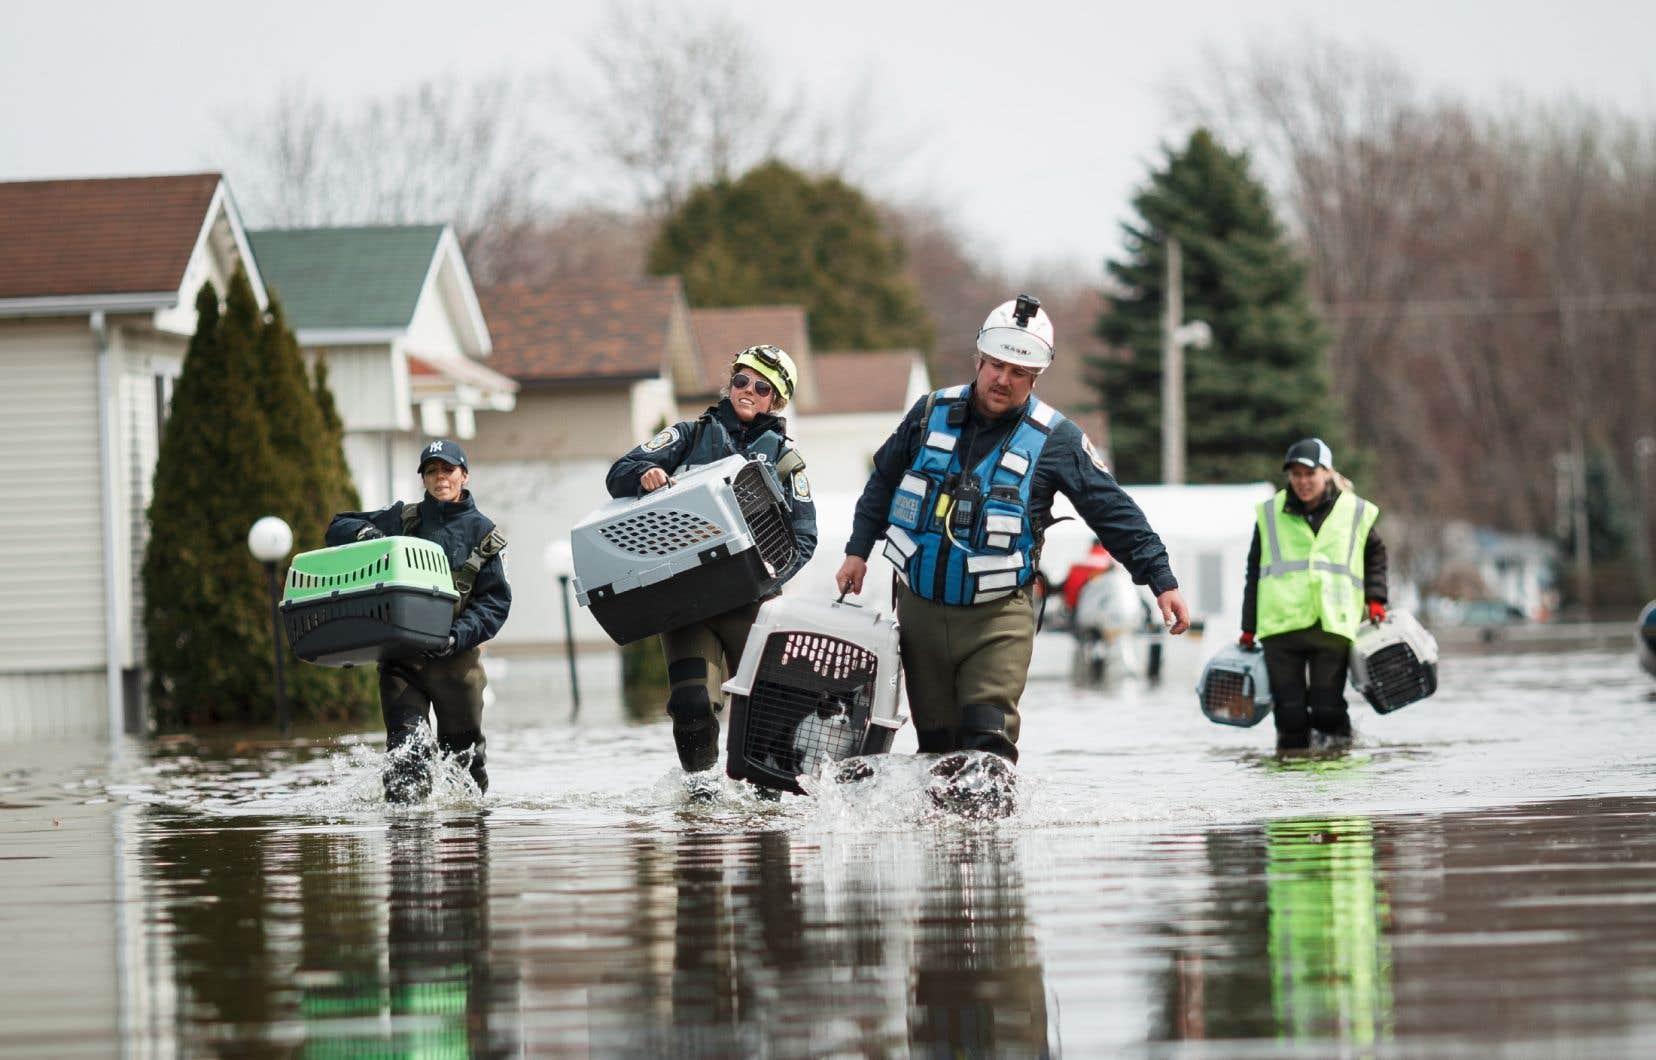 Le 27 avril 2019, la digue bordant la municipalité de Sainte-Marthe-sur-le-Lac cédait, forçant l'évacuation de 6000 résidents.